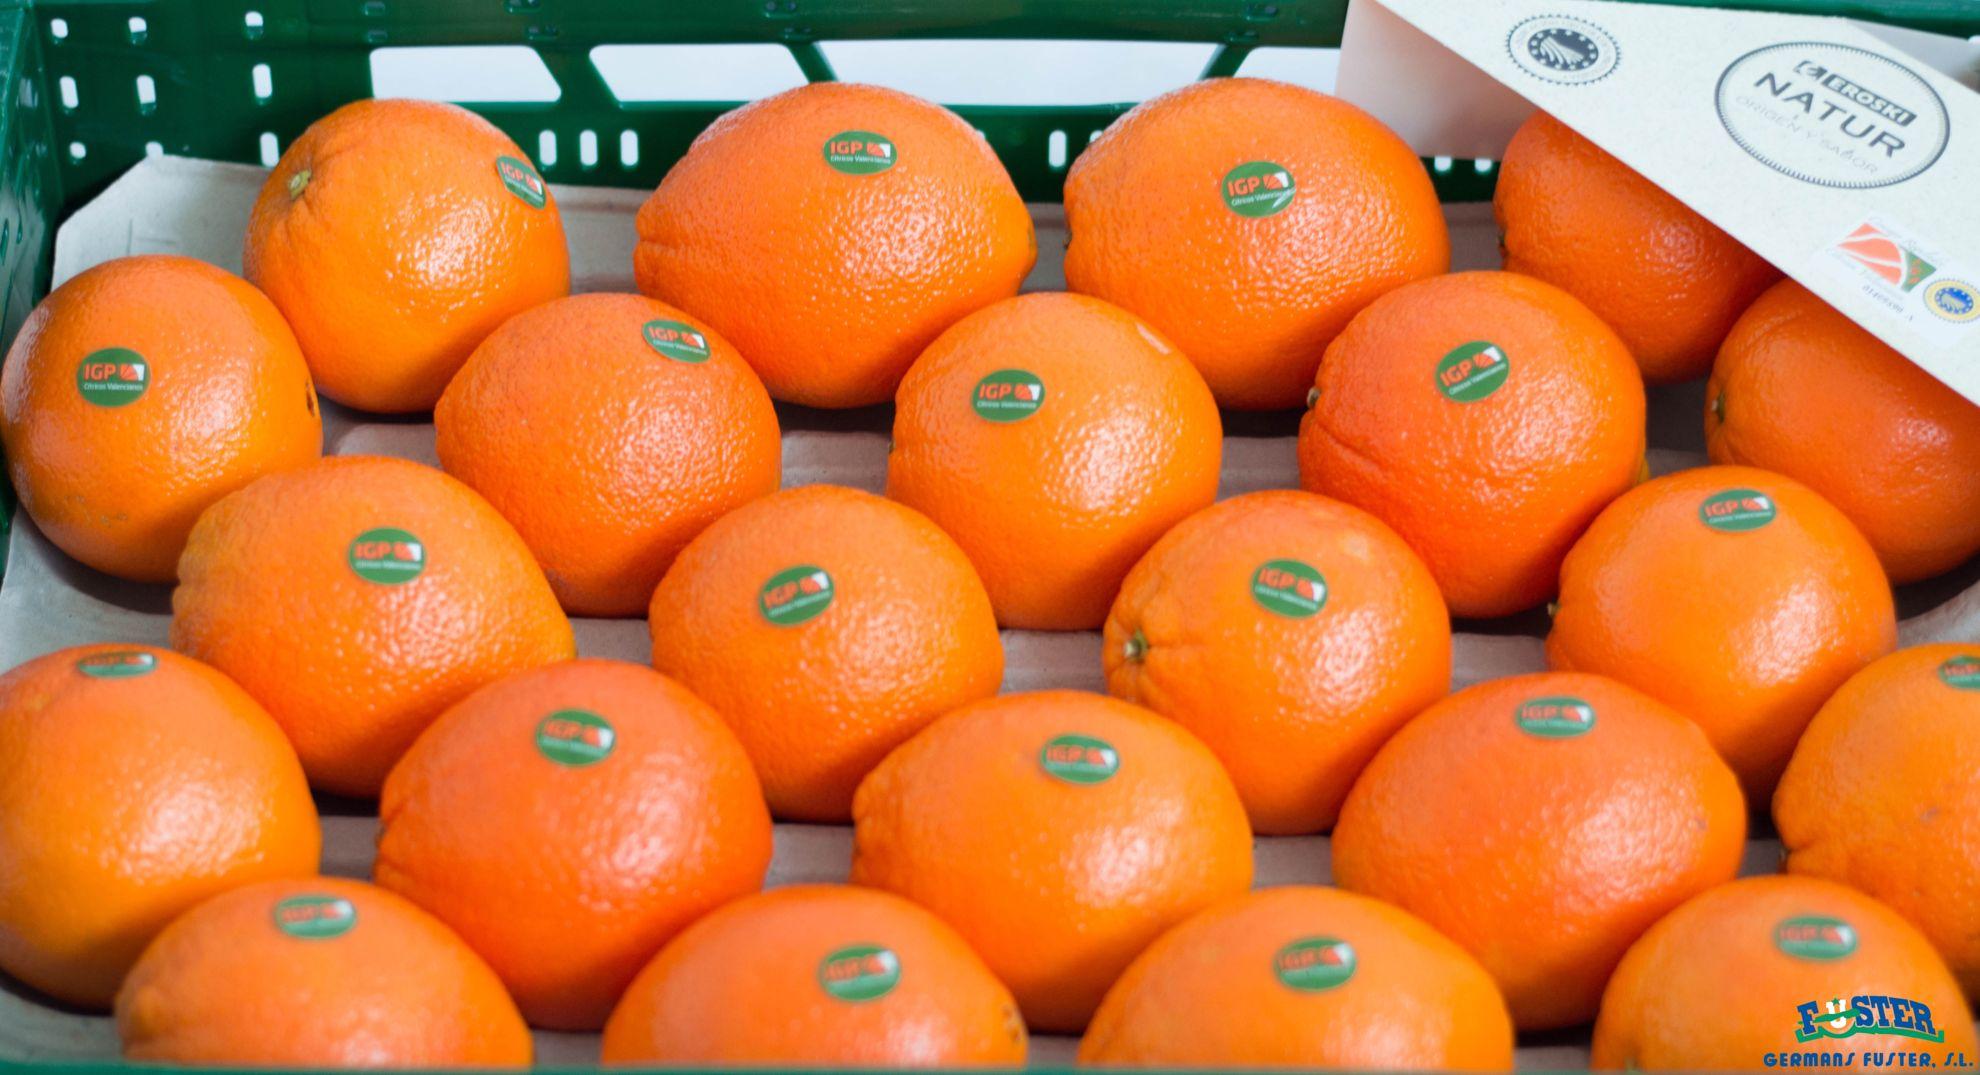 naranjas-igp-natur-germansfuster